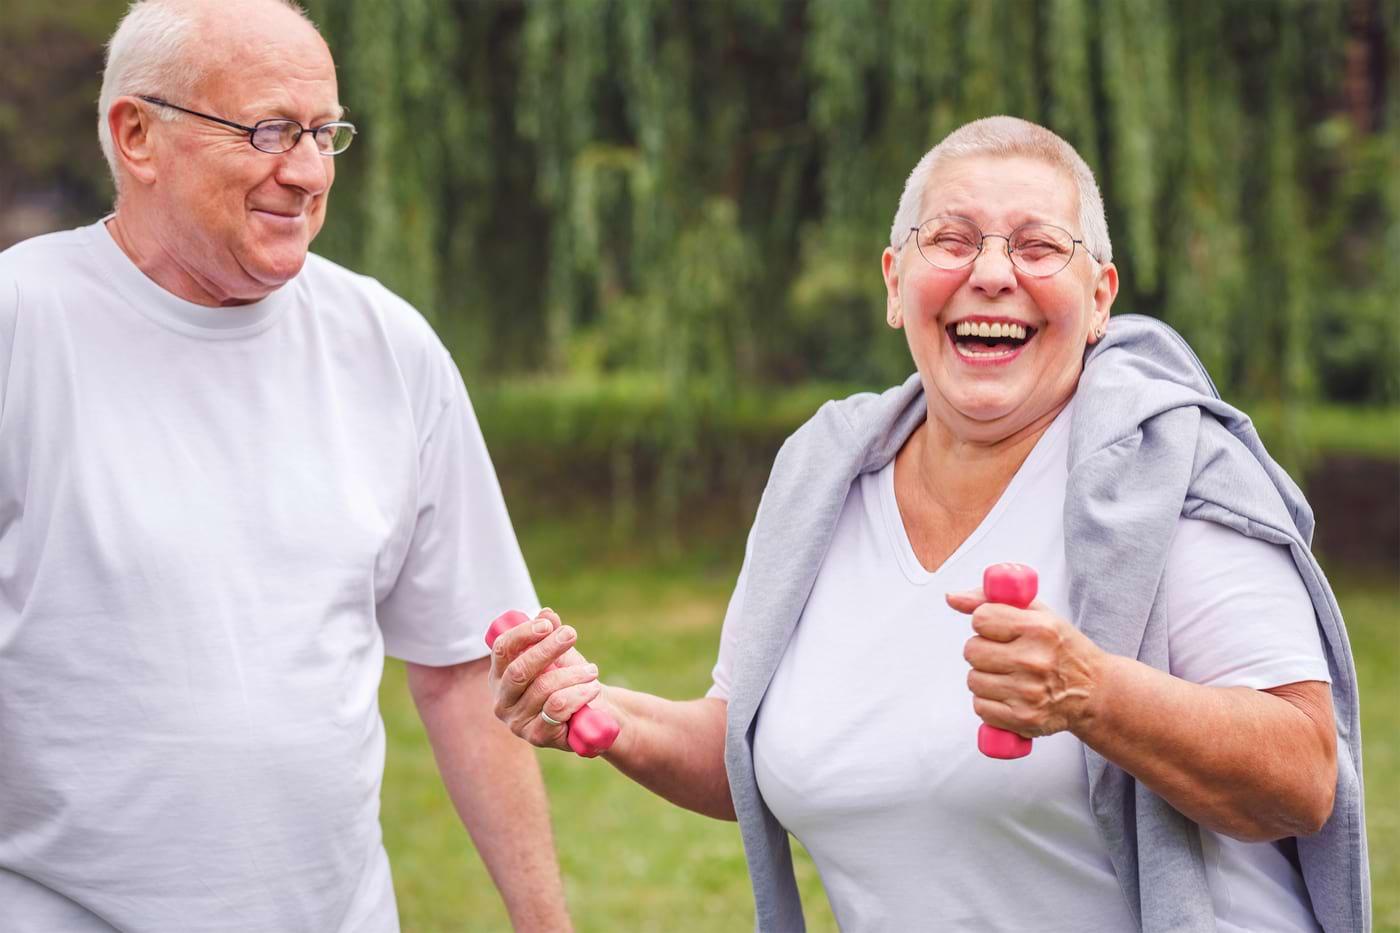 Reducerea a 200 de calorii pe zi și mișcarea te ajută să-ți menții inima sănătoasă (studiu)